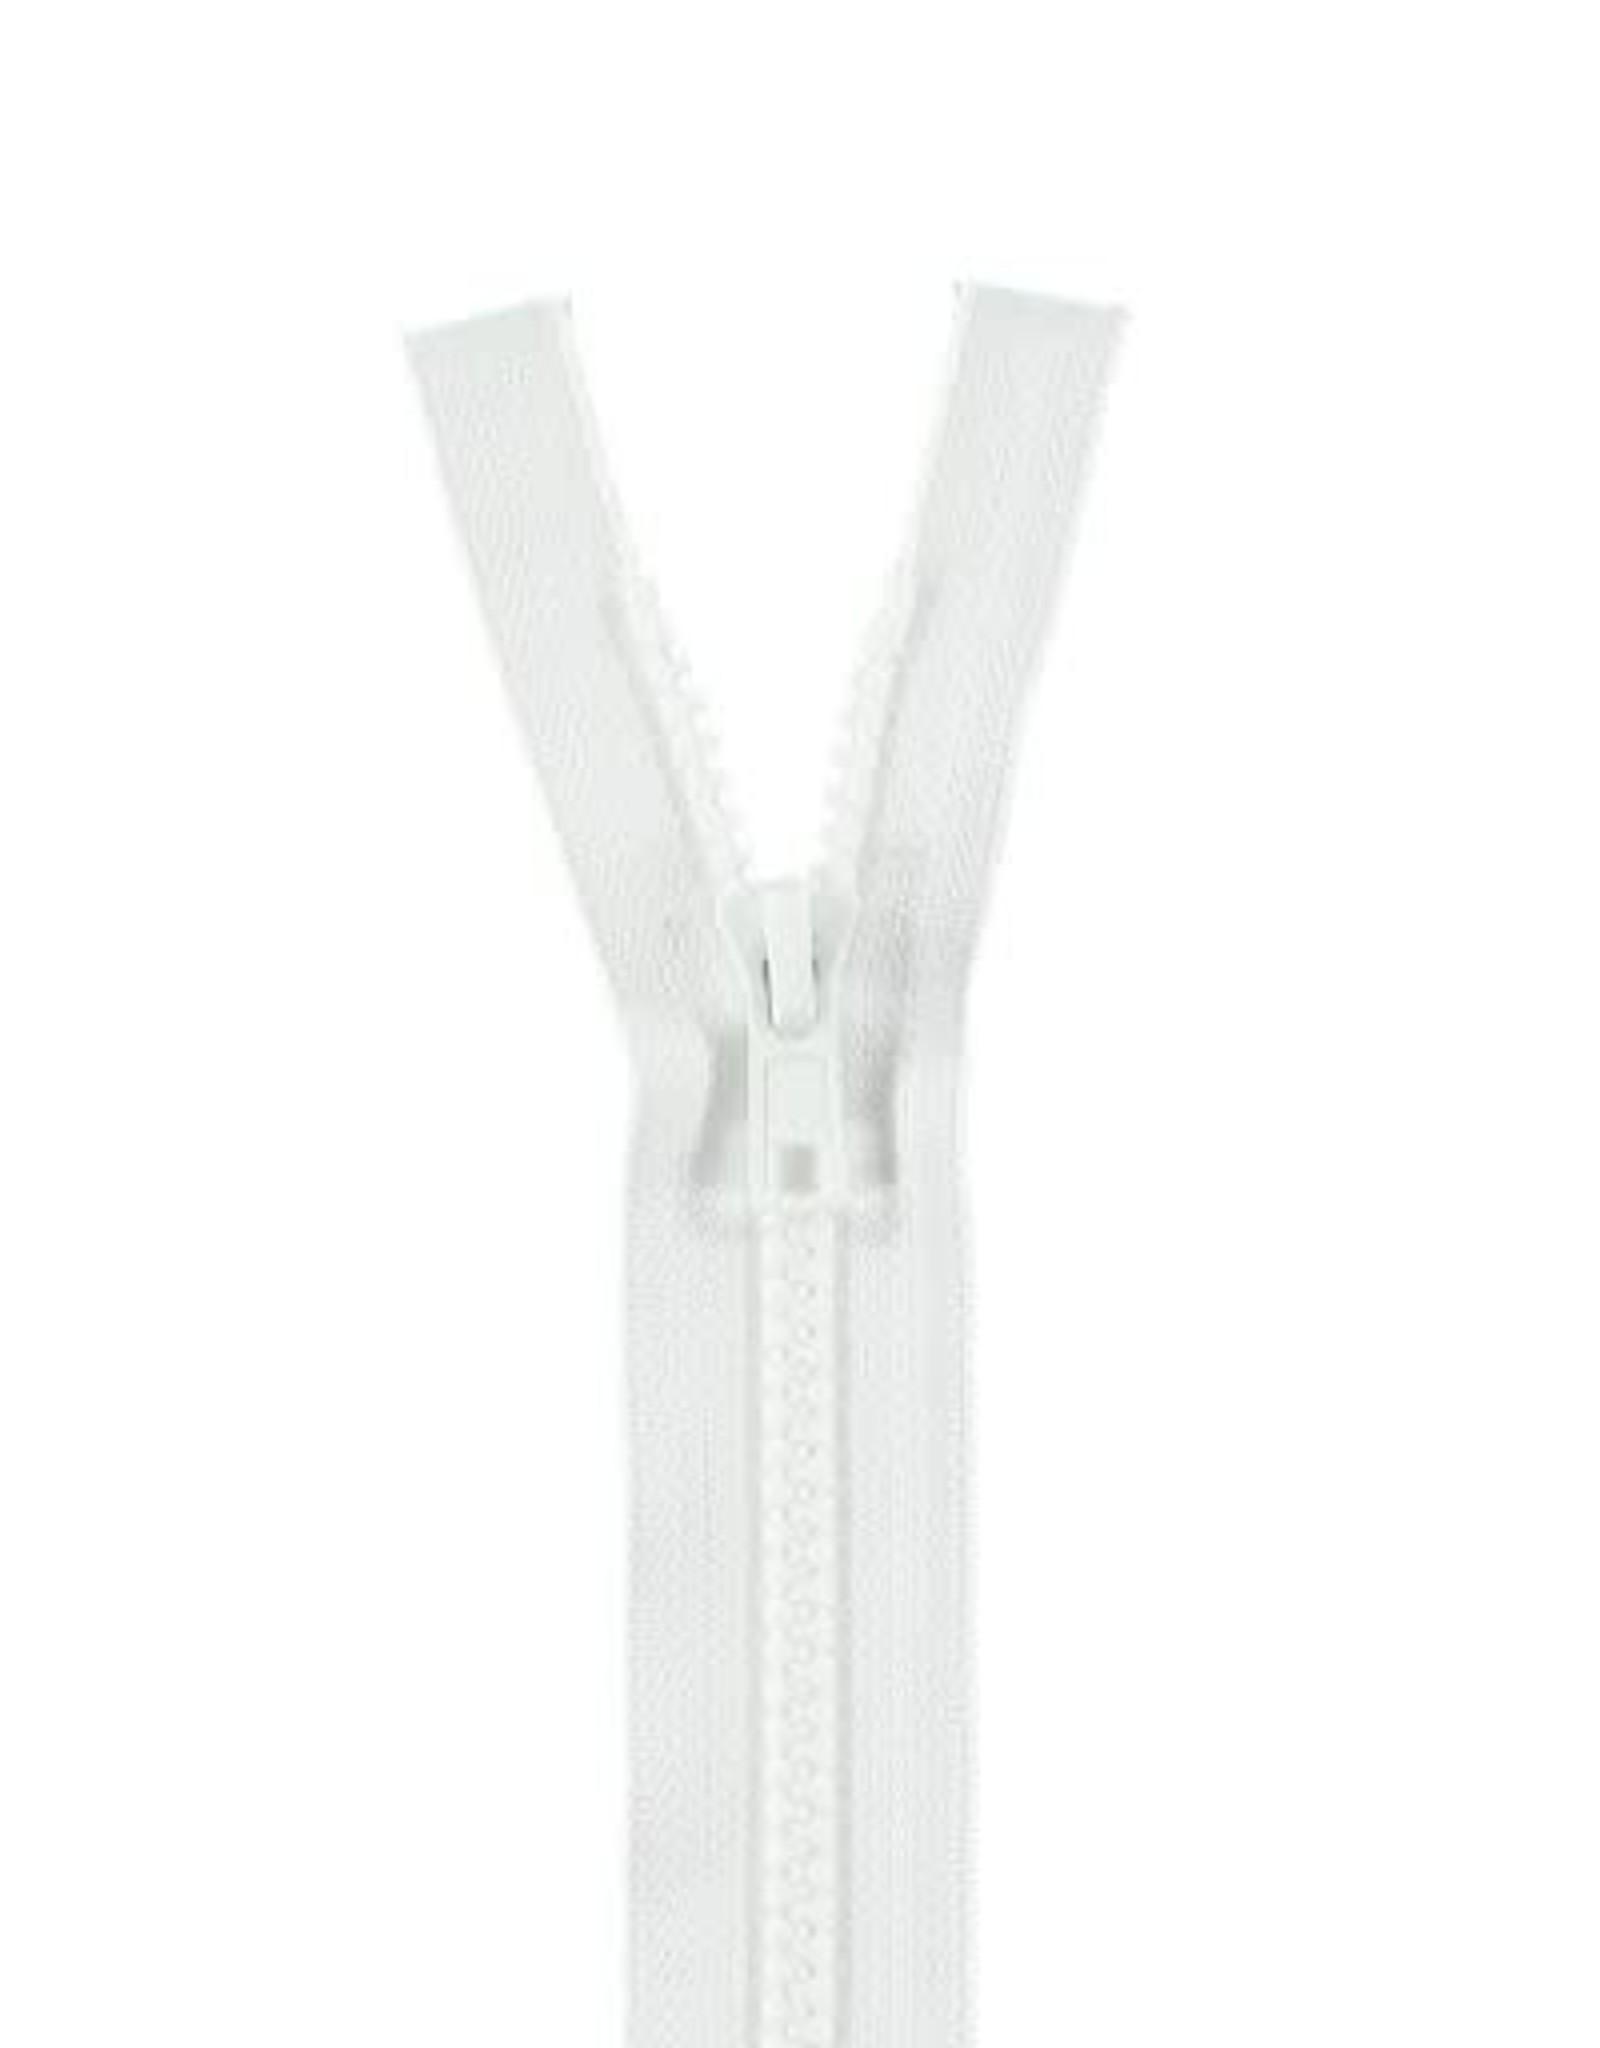 YKK BLOKRITS 5 DEELBAAR wit 501-80cm